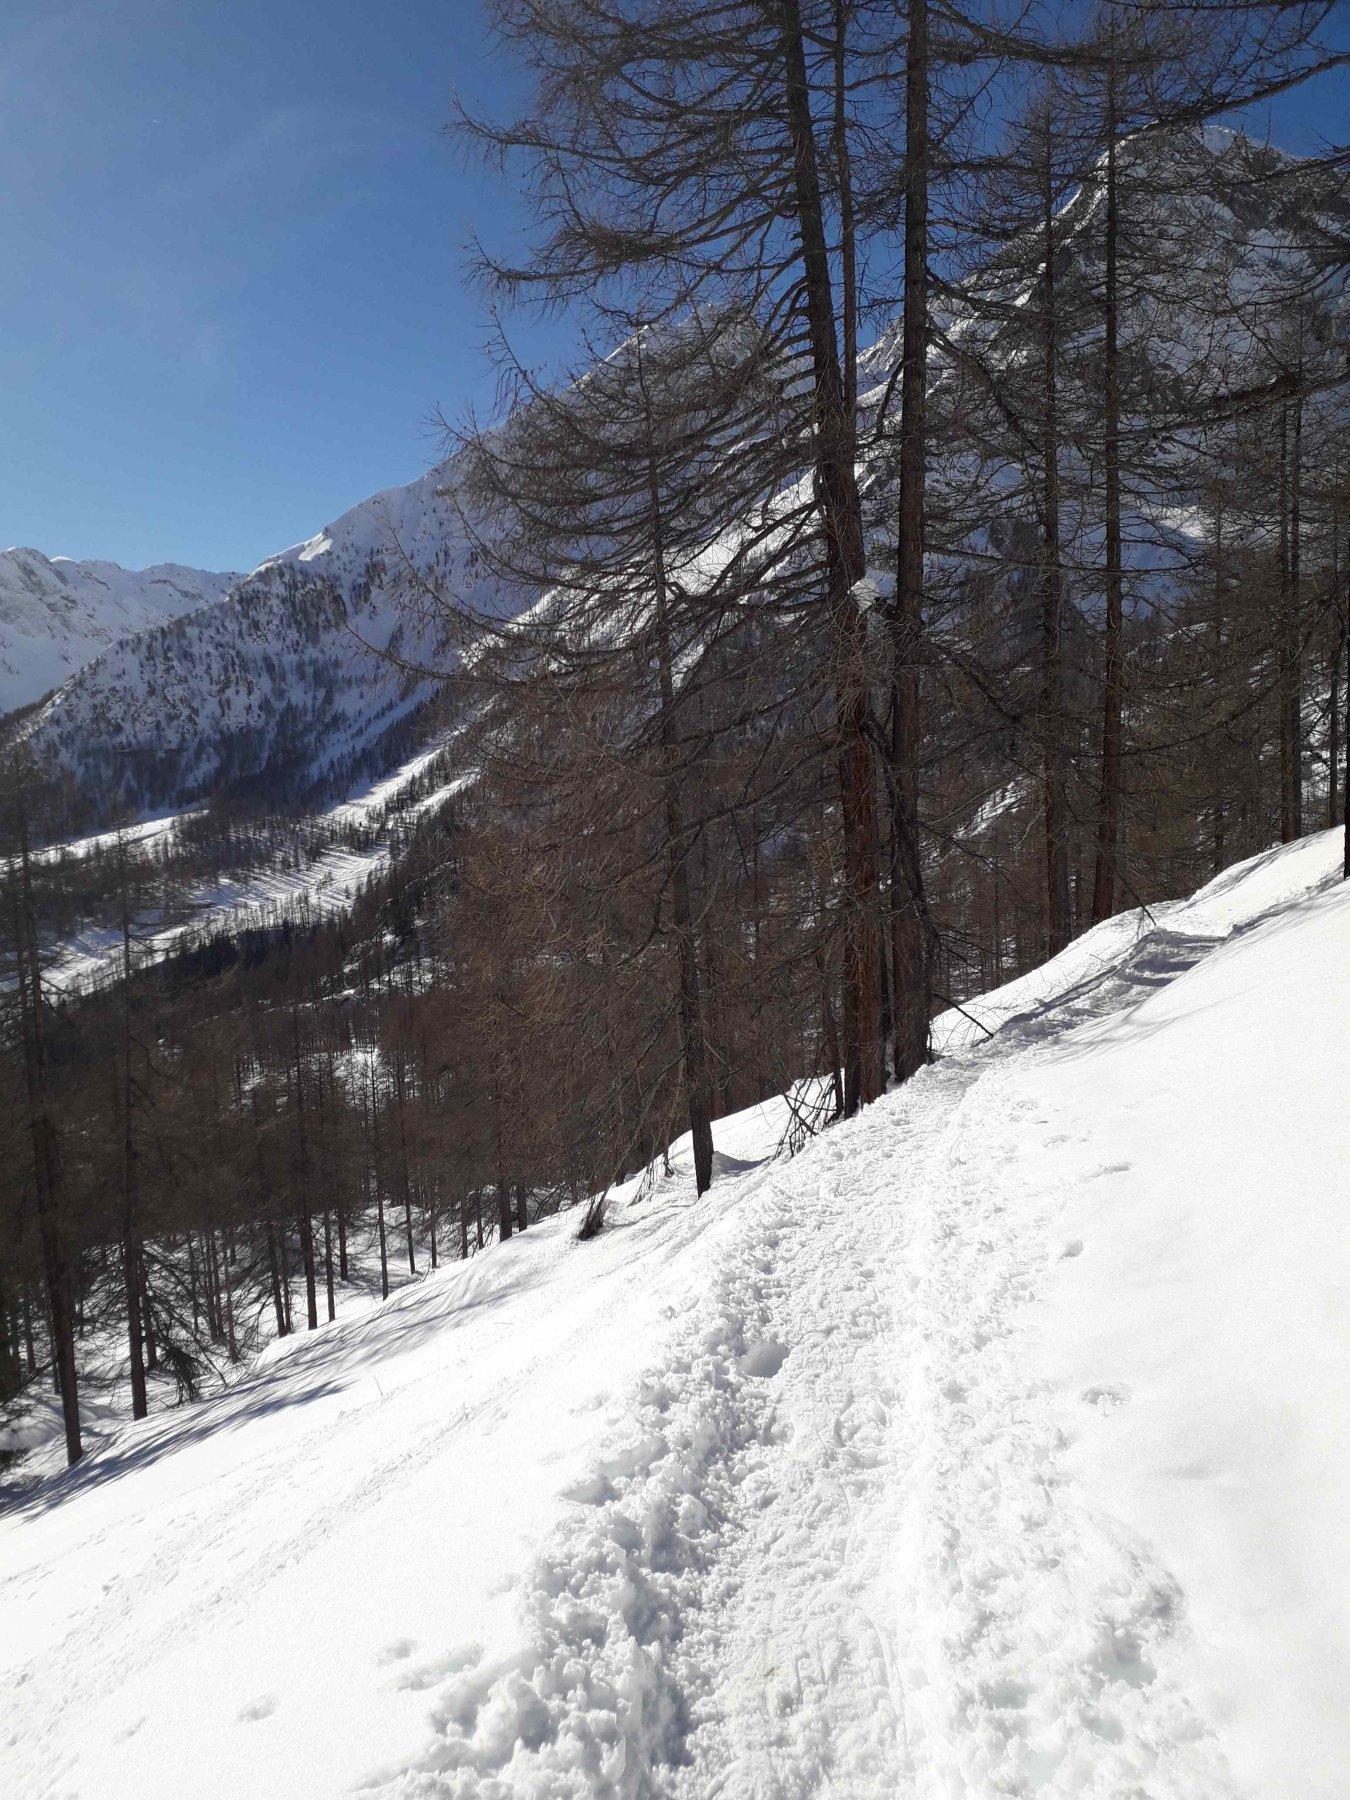 sentiero battuto in prossimita del verra inferiore